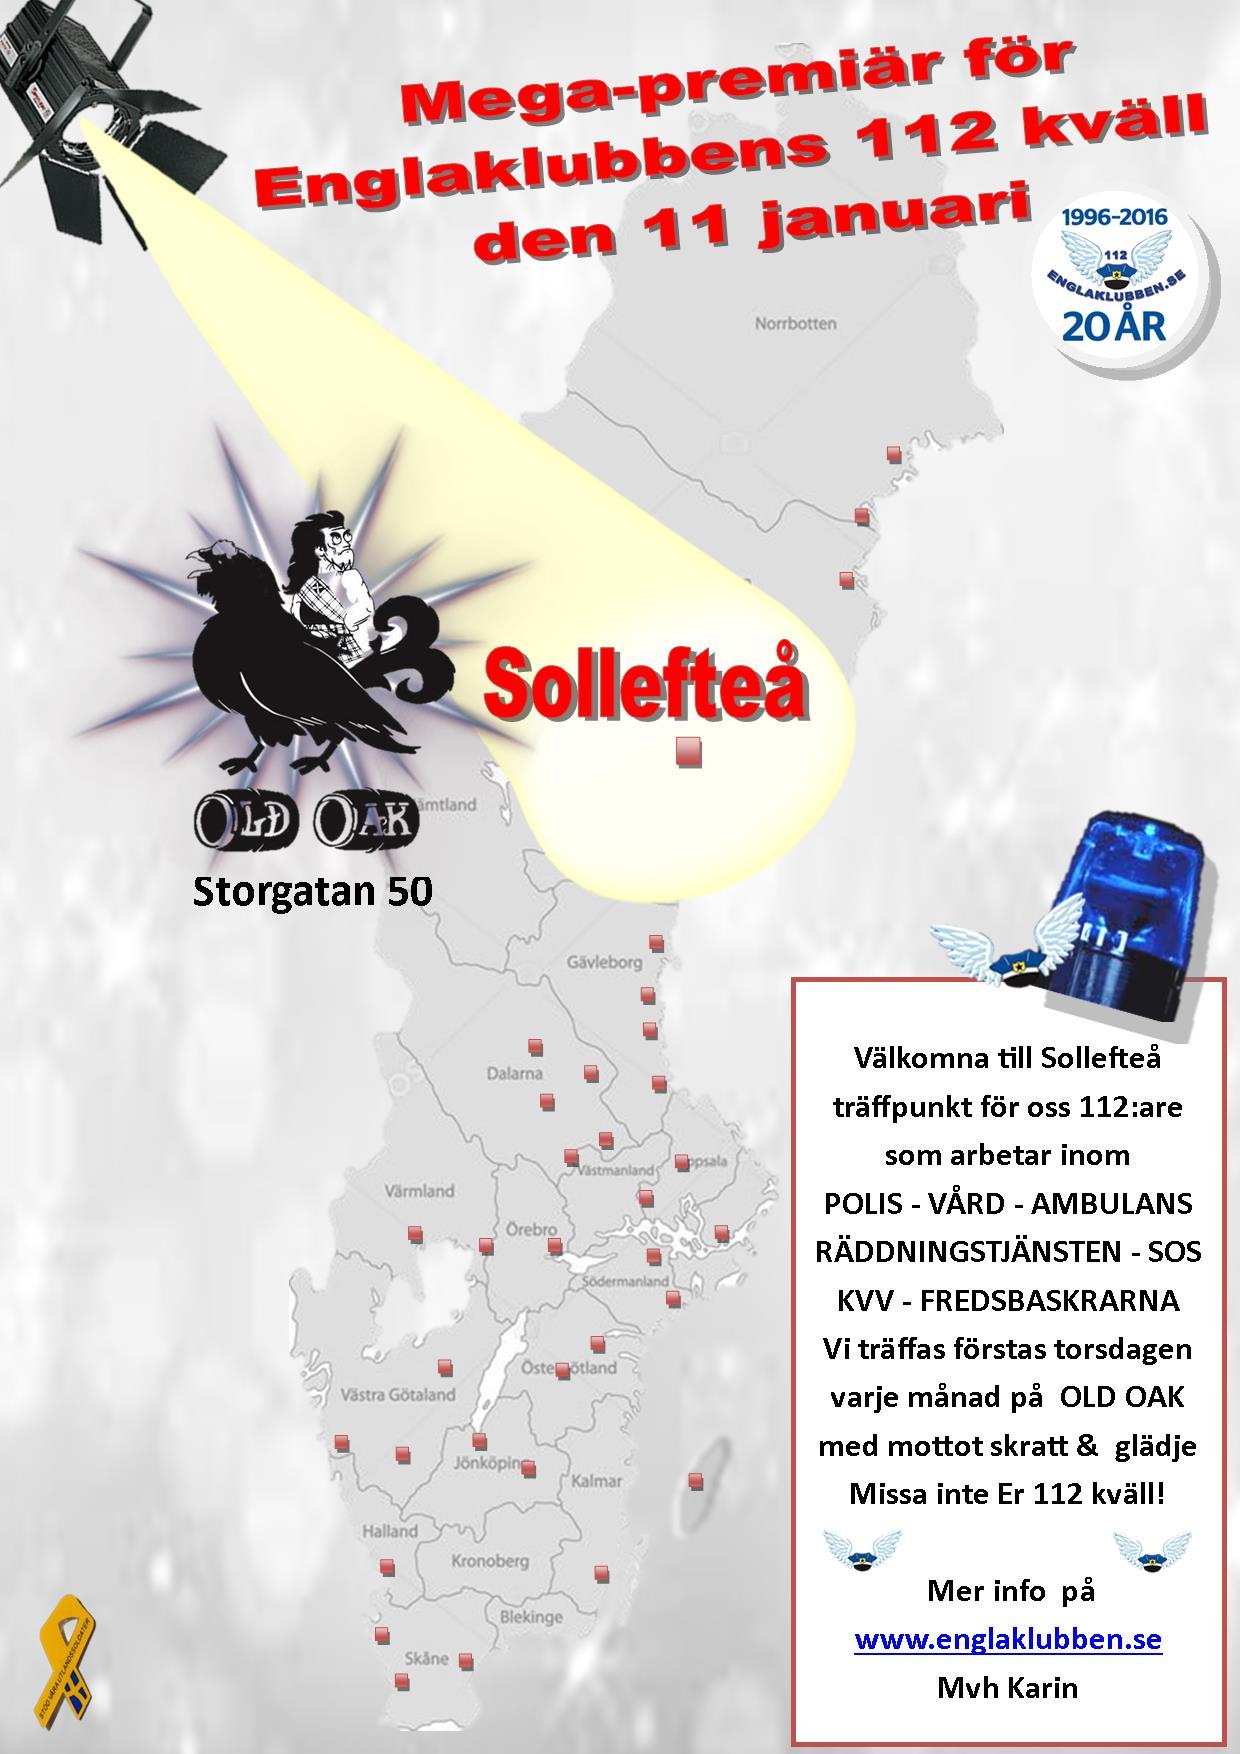 Sollefteå Englaklubbens 112 kväll inbjudan